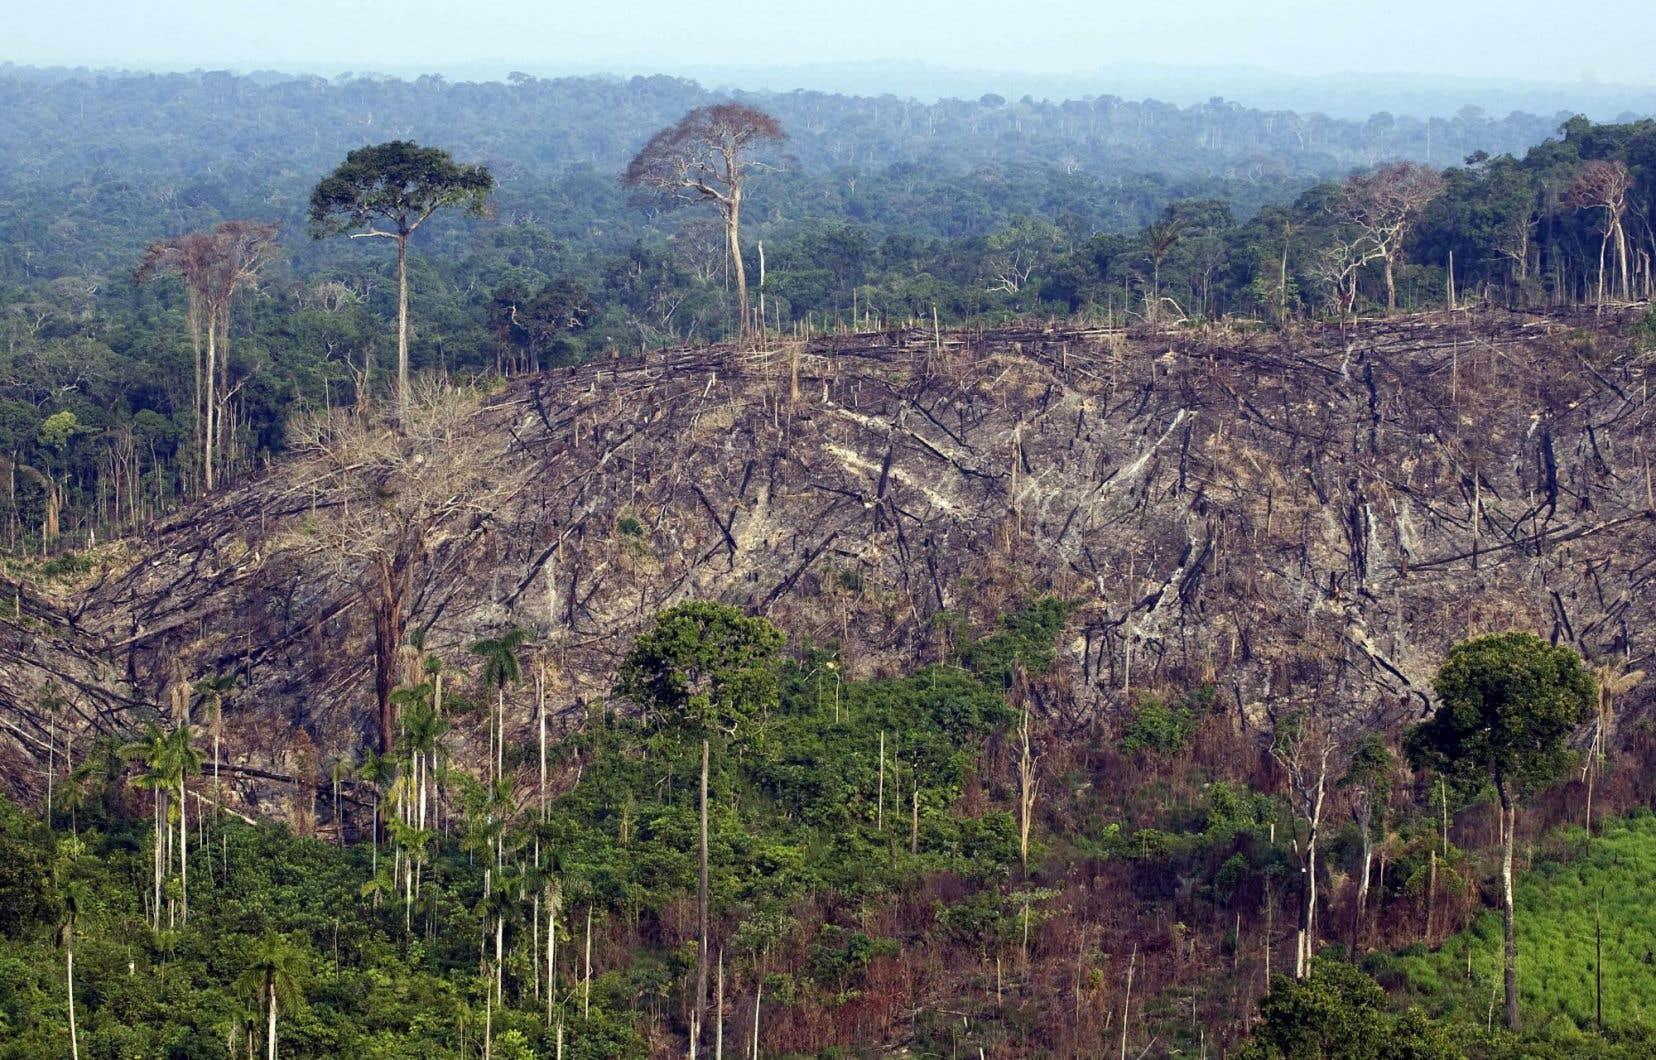 Vue d'une partie de la forêt nationale de Jamanxim dans l'État du Para, au Brésil, qui a été illégalement déforestée